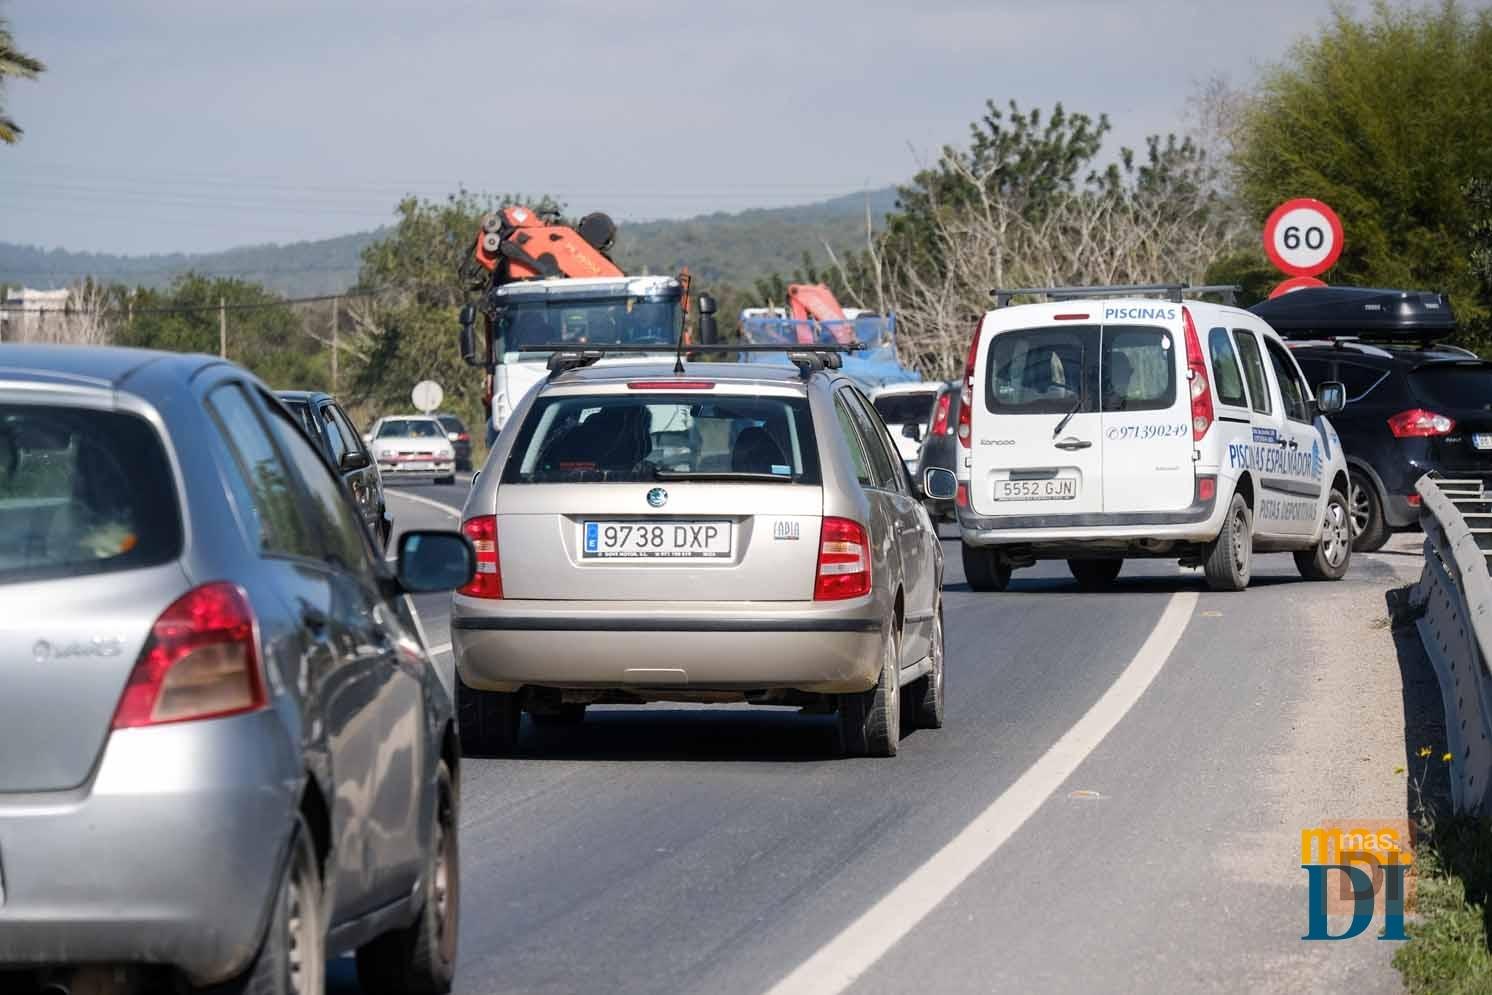 Los españoles pasan de media 9 horas y 35 minutos a la semana desplazándose